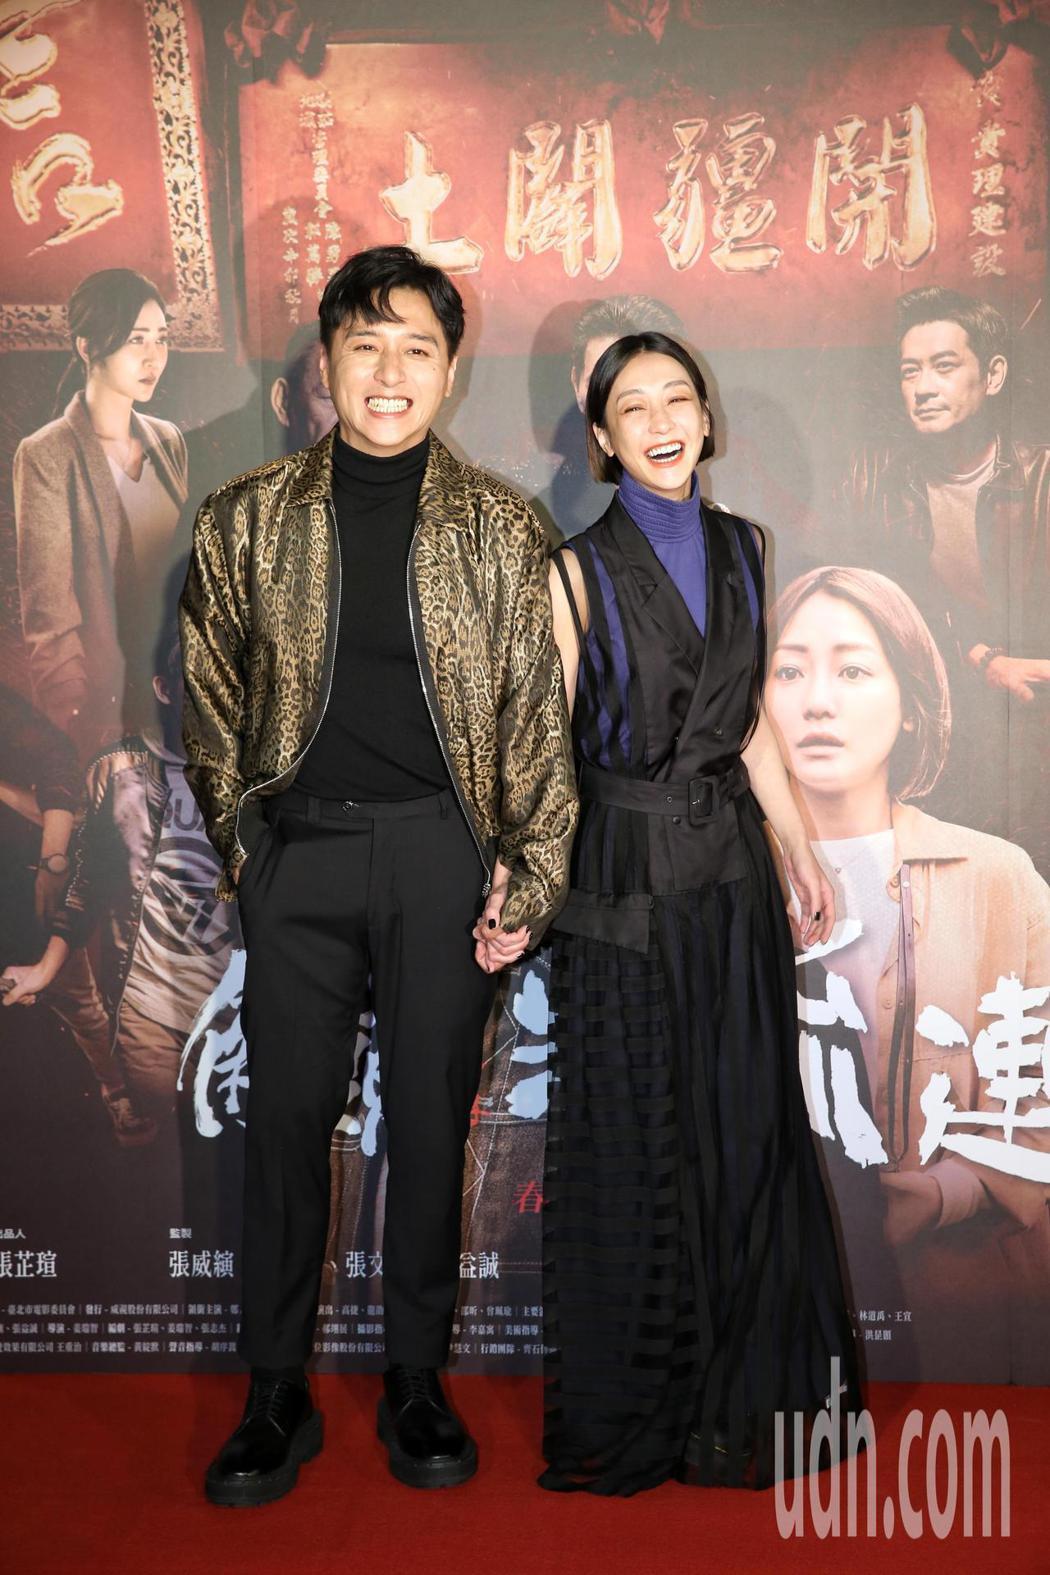 演員鄭人碩(左)、謝欣穎(右)出席,首映典禮上現場星光閃閃。 記者邱德祥/攝影